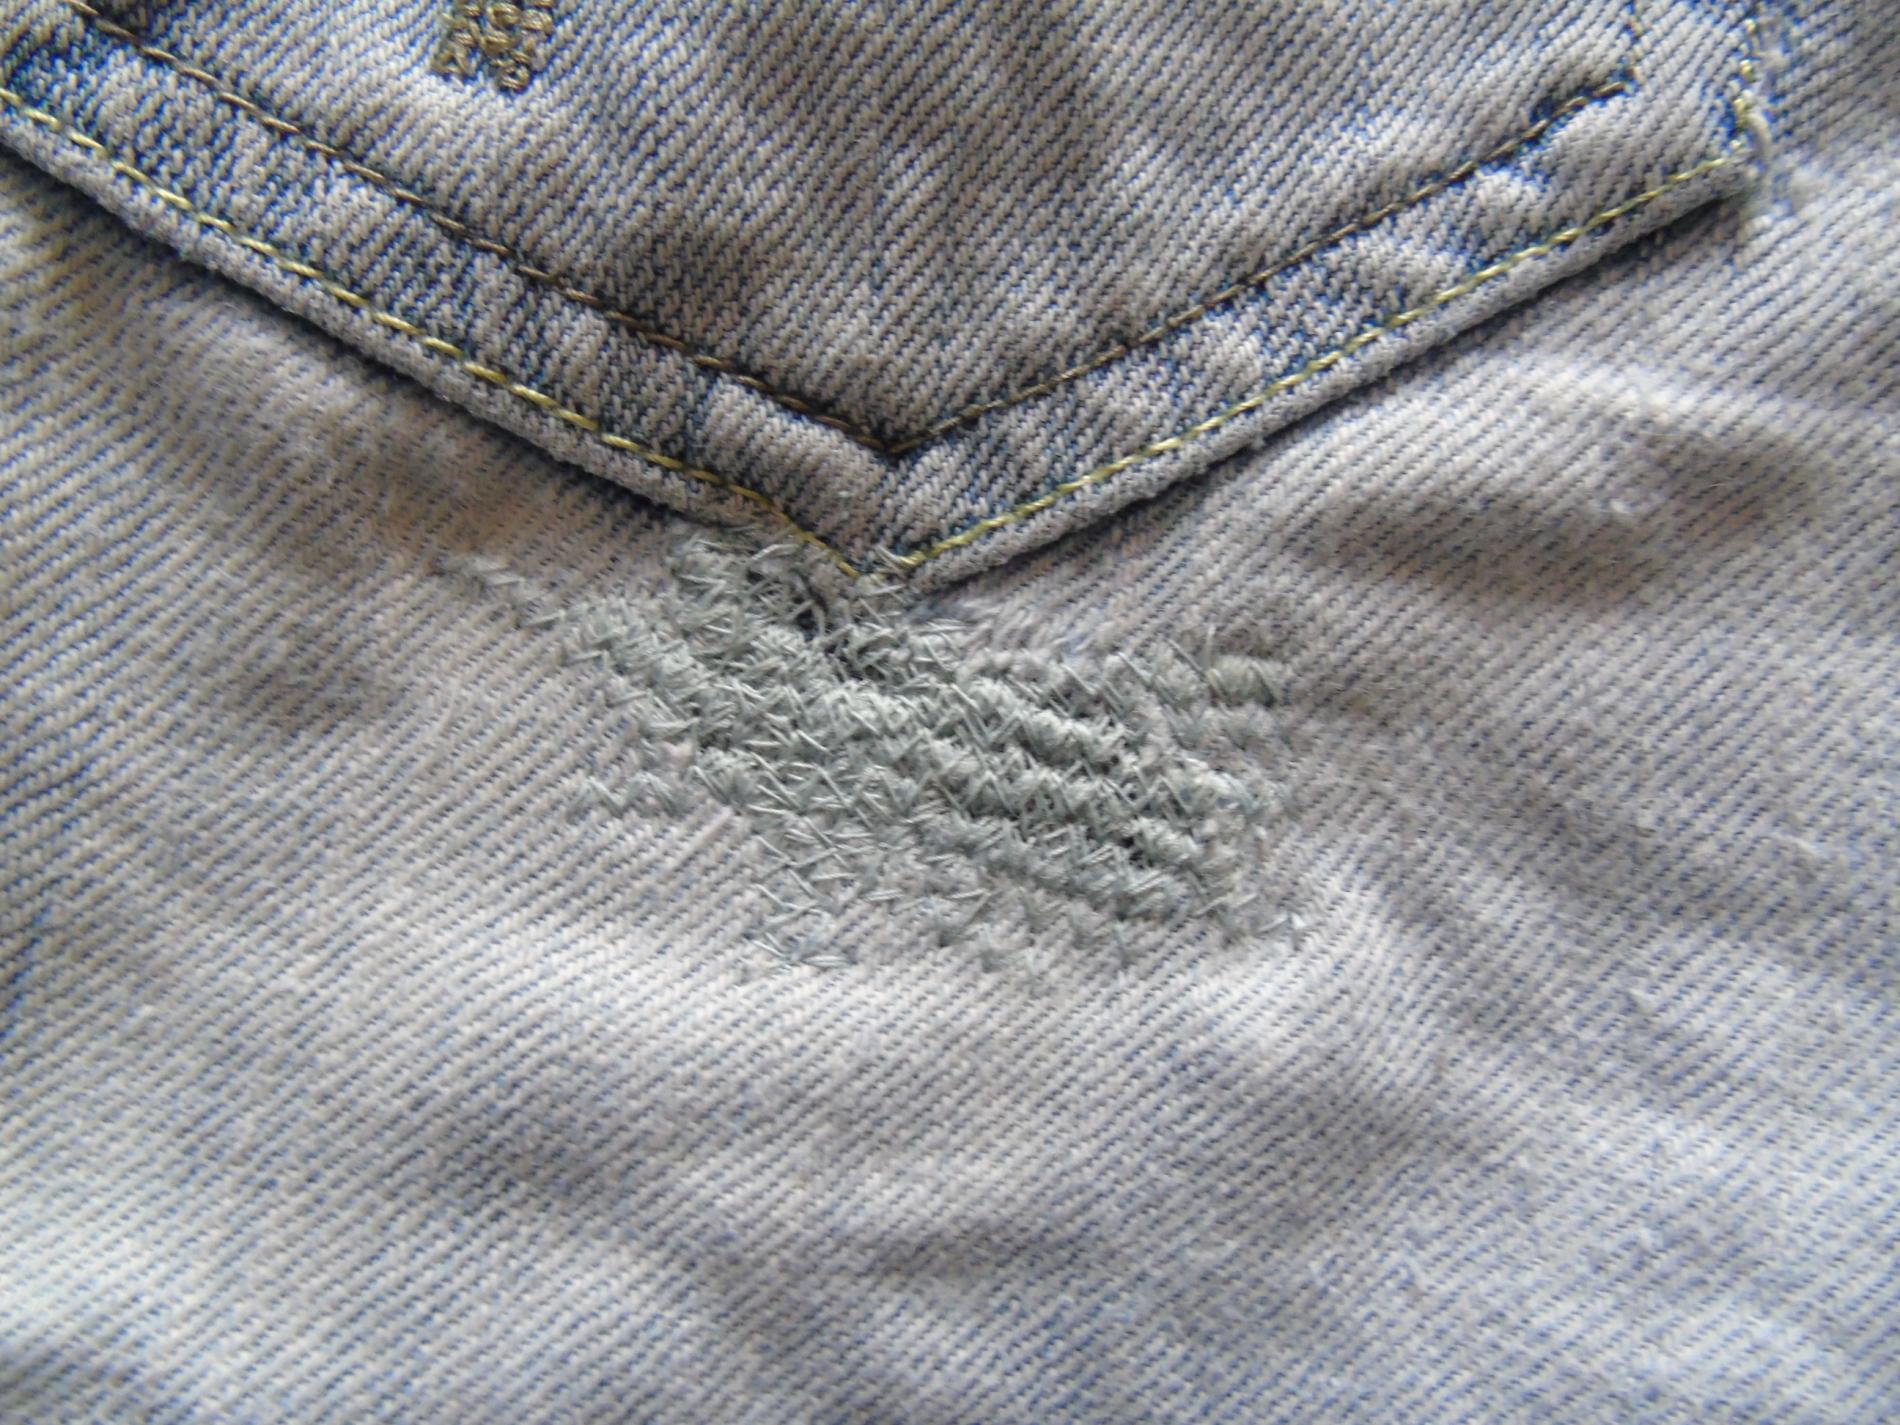 Торчат из джинсов фото 15 фотография